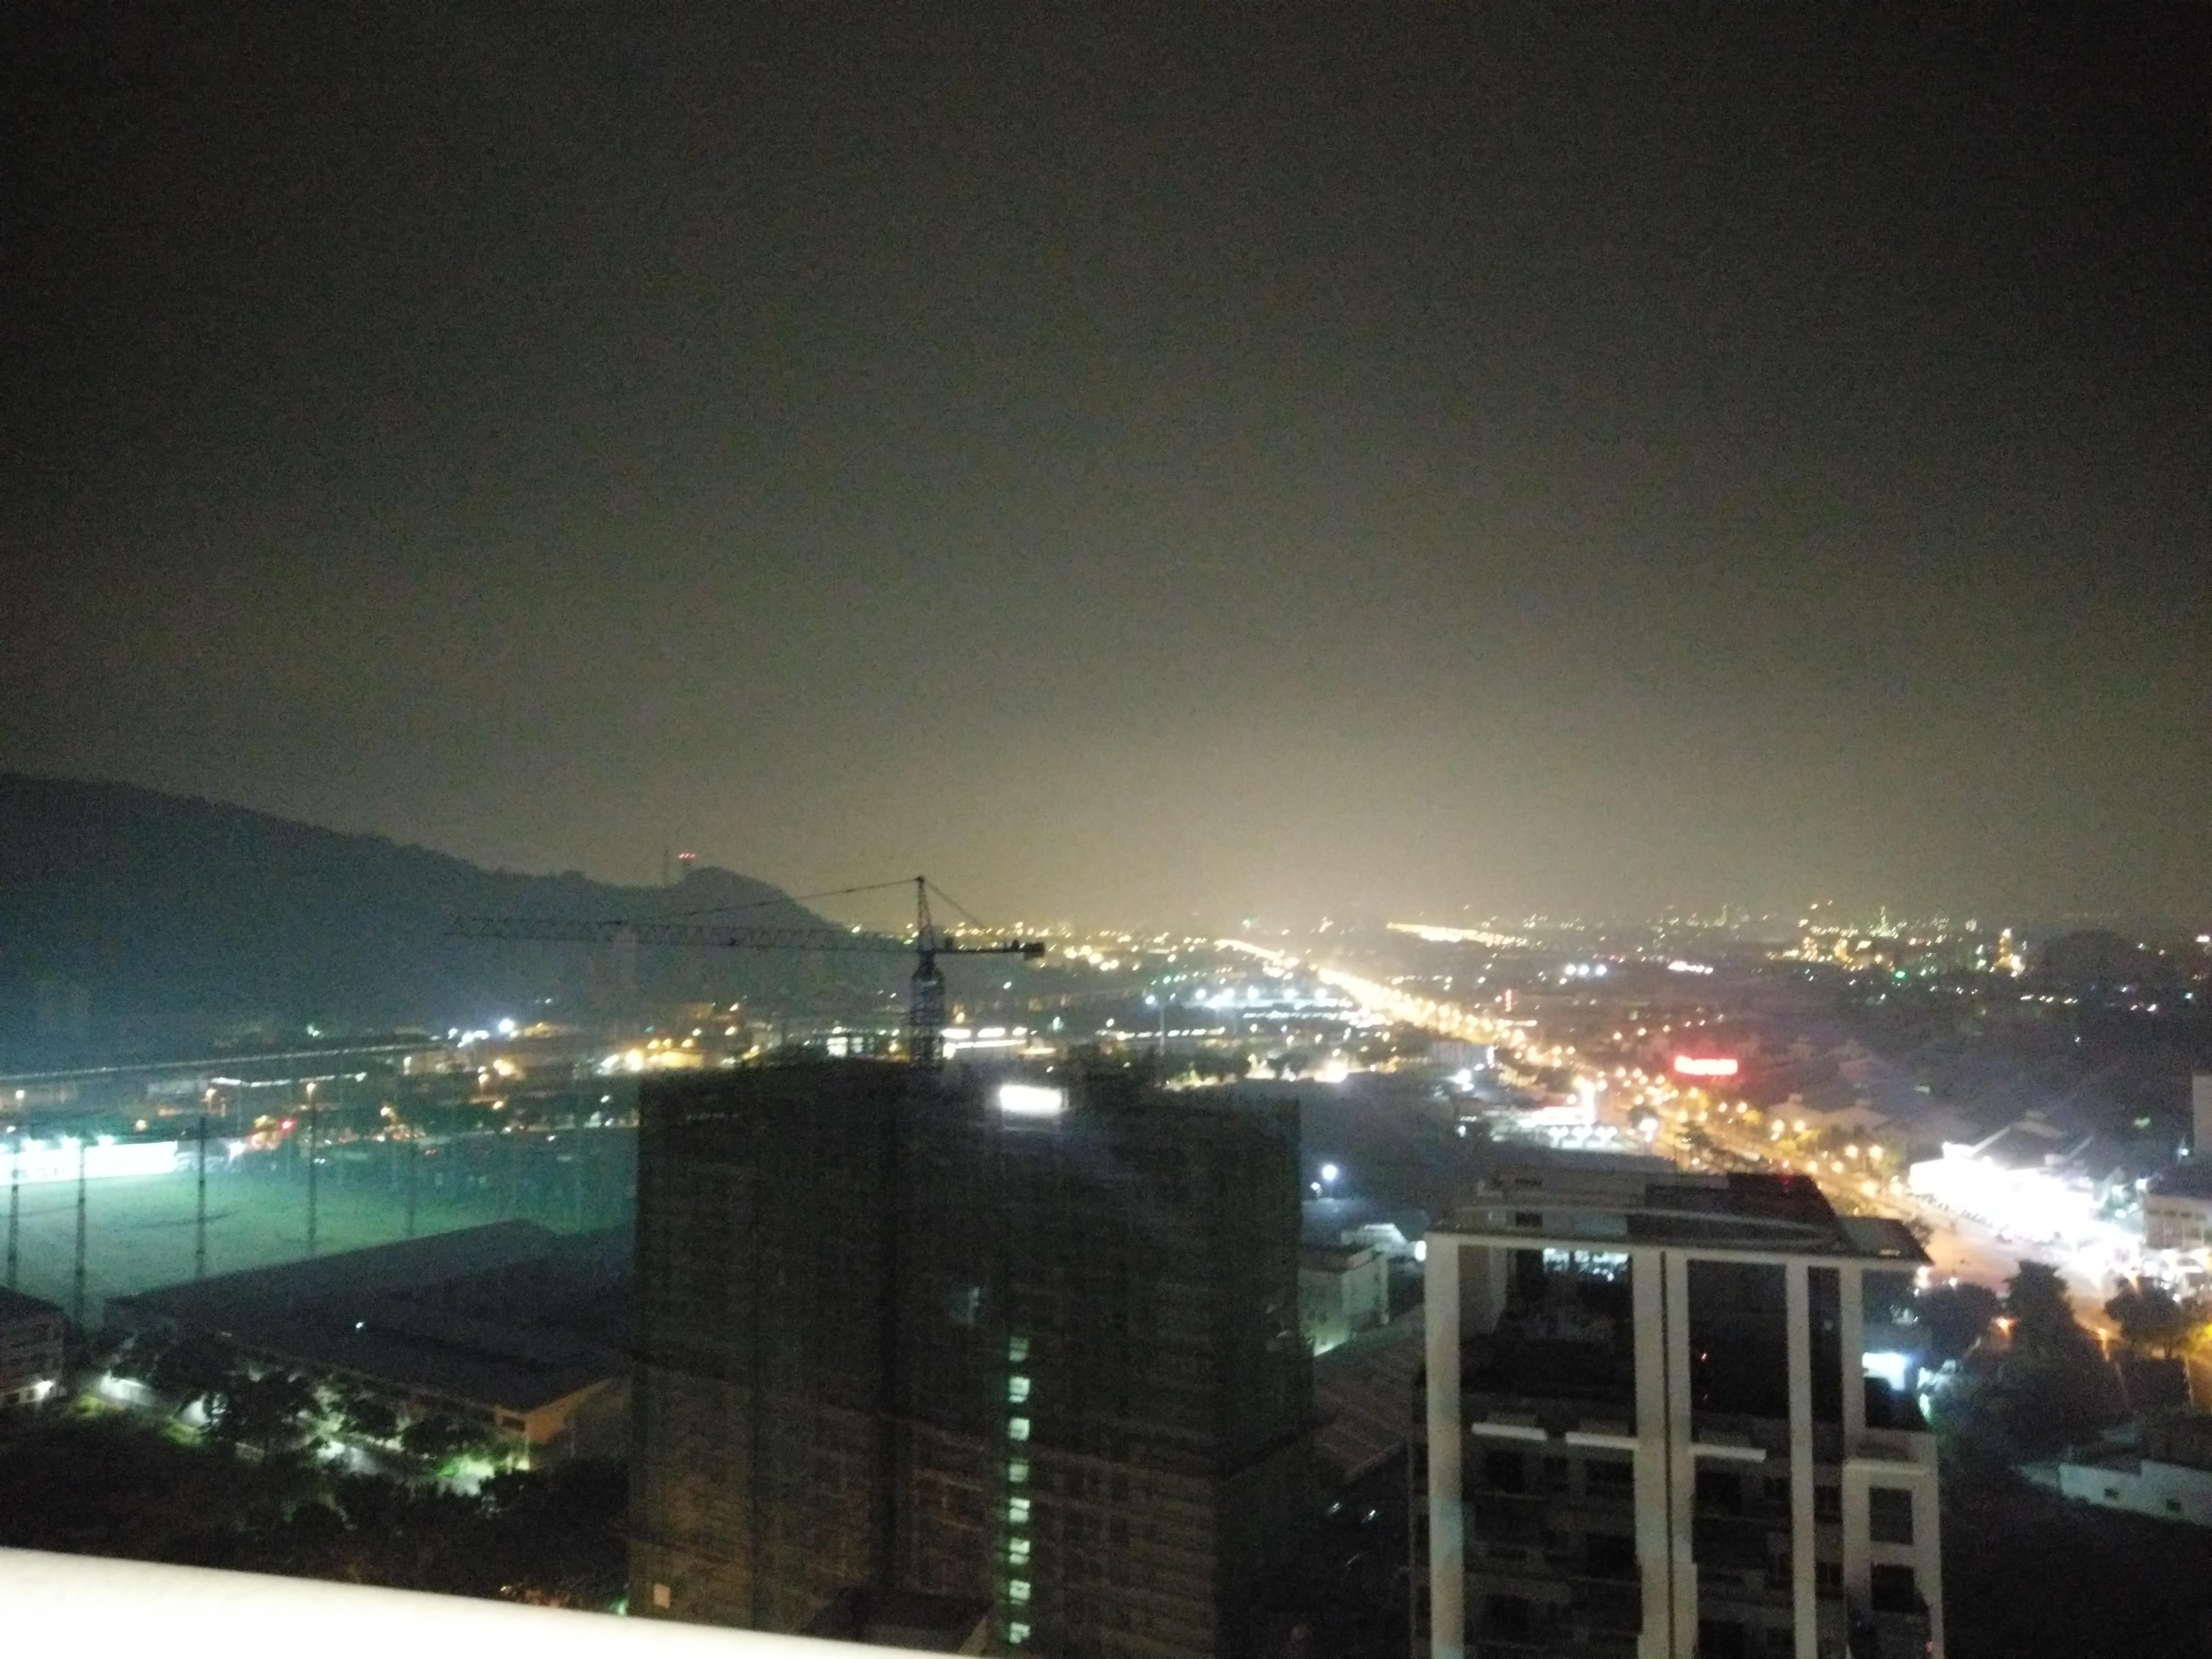 高鐵總站新光三越旁景觀大四房~698萬